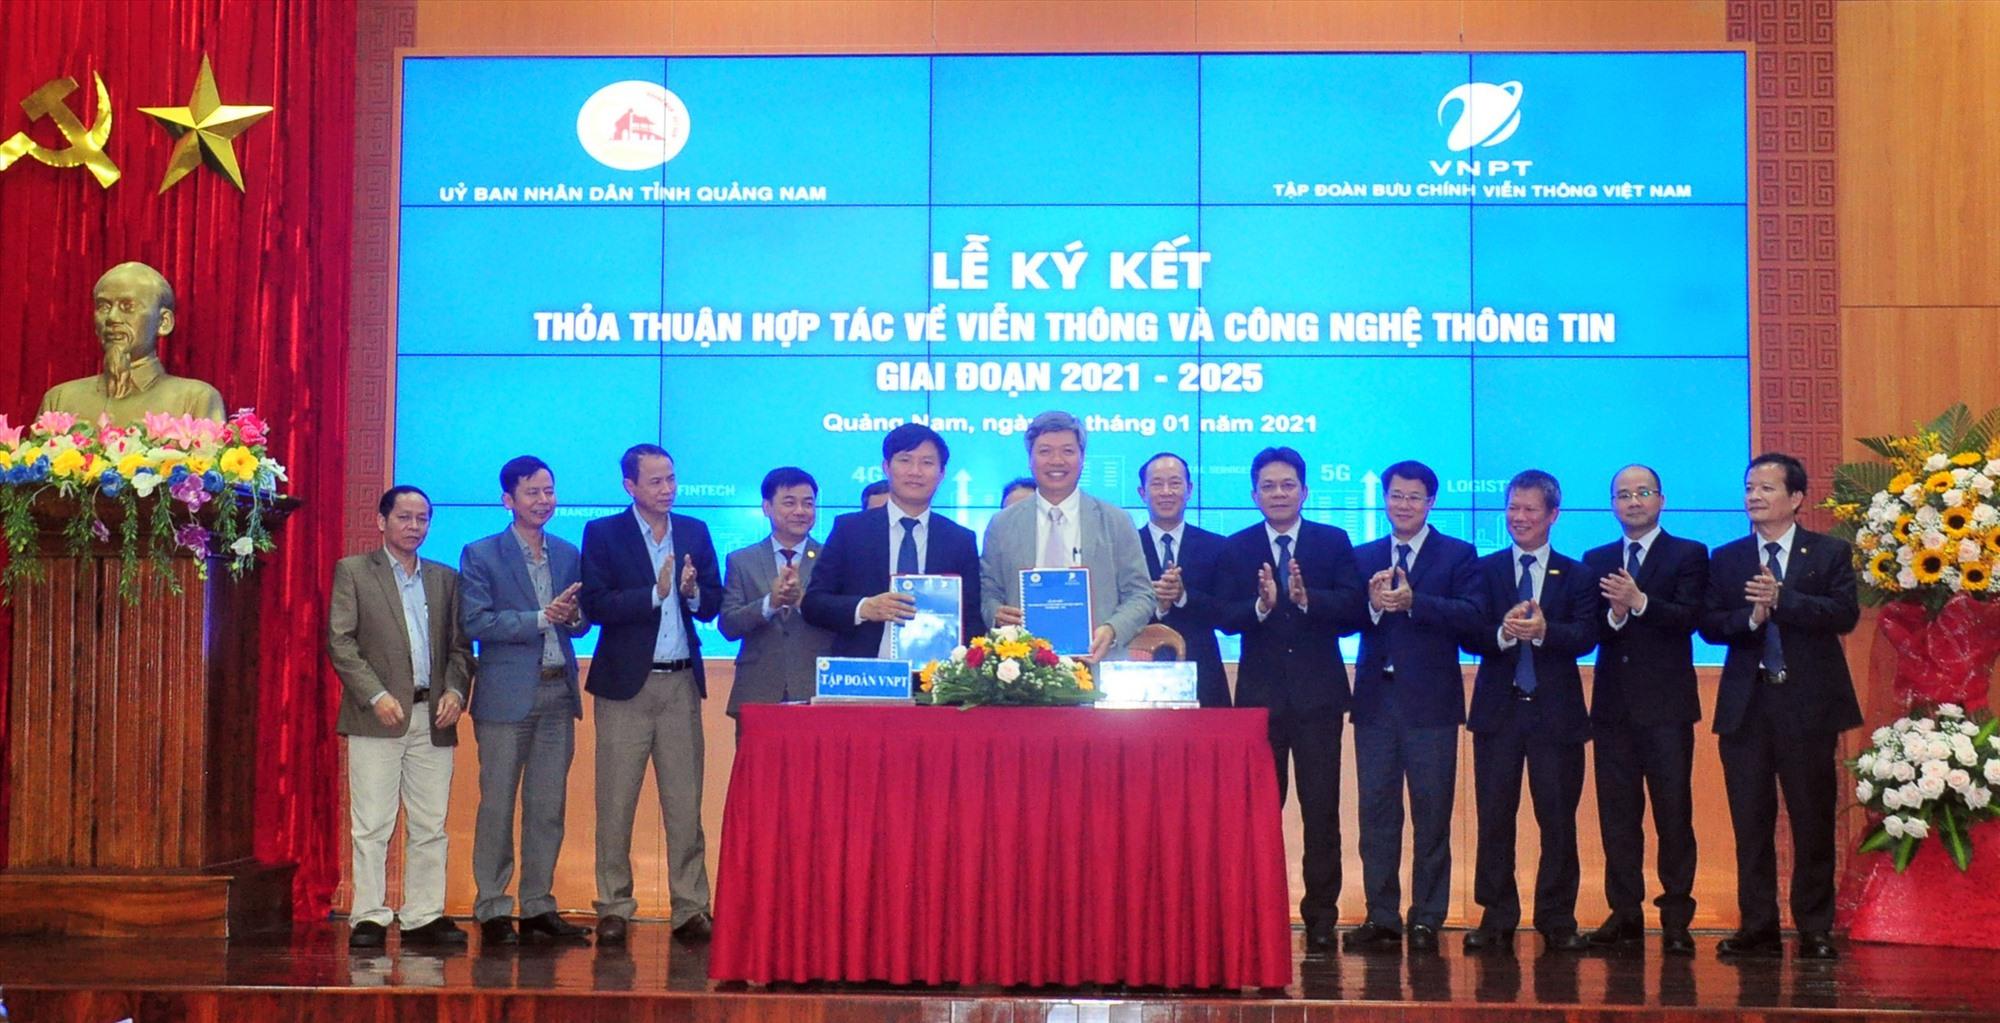 UBND tỉnh và Tập đoàn VNPT Việt Nam ký kết hợp tác thúc đẩy chuyển đổi số. Ảnh: A.H